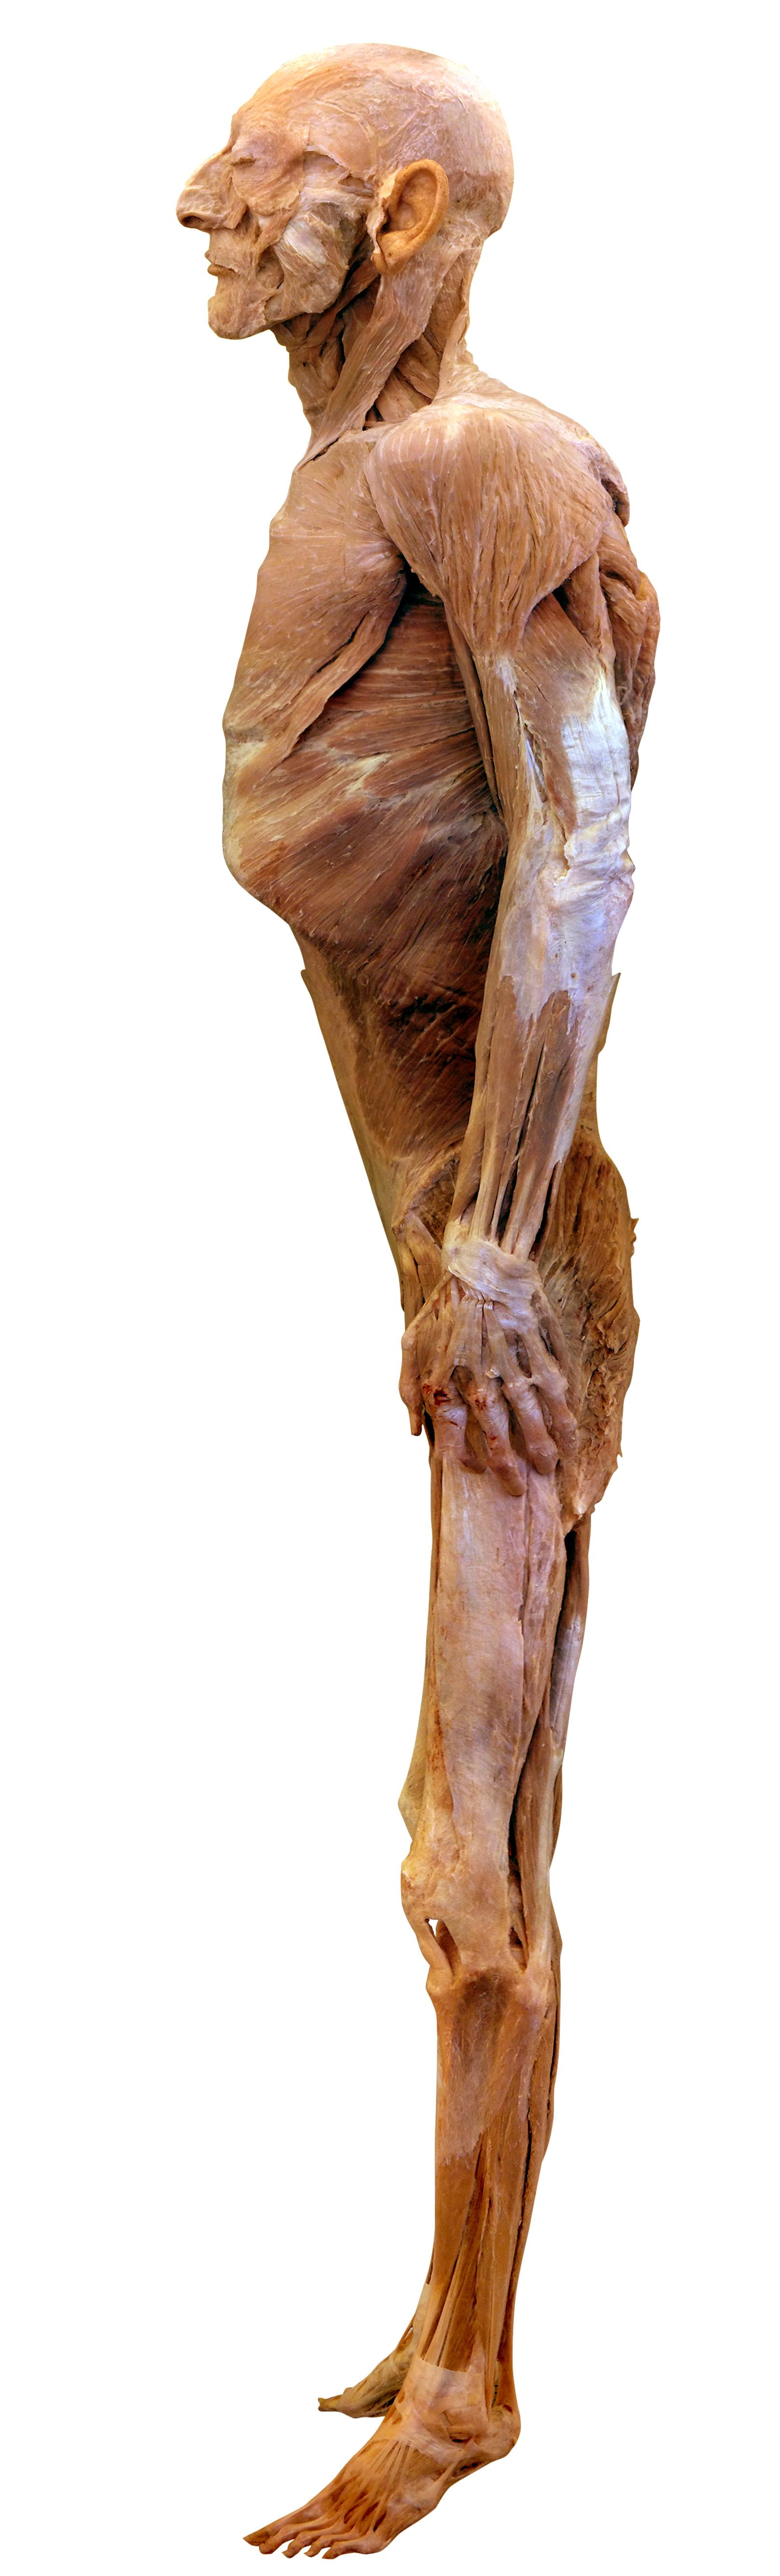 Filehuman Body Without Skin 4657g Wikimedia Commons